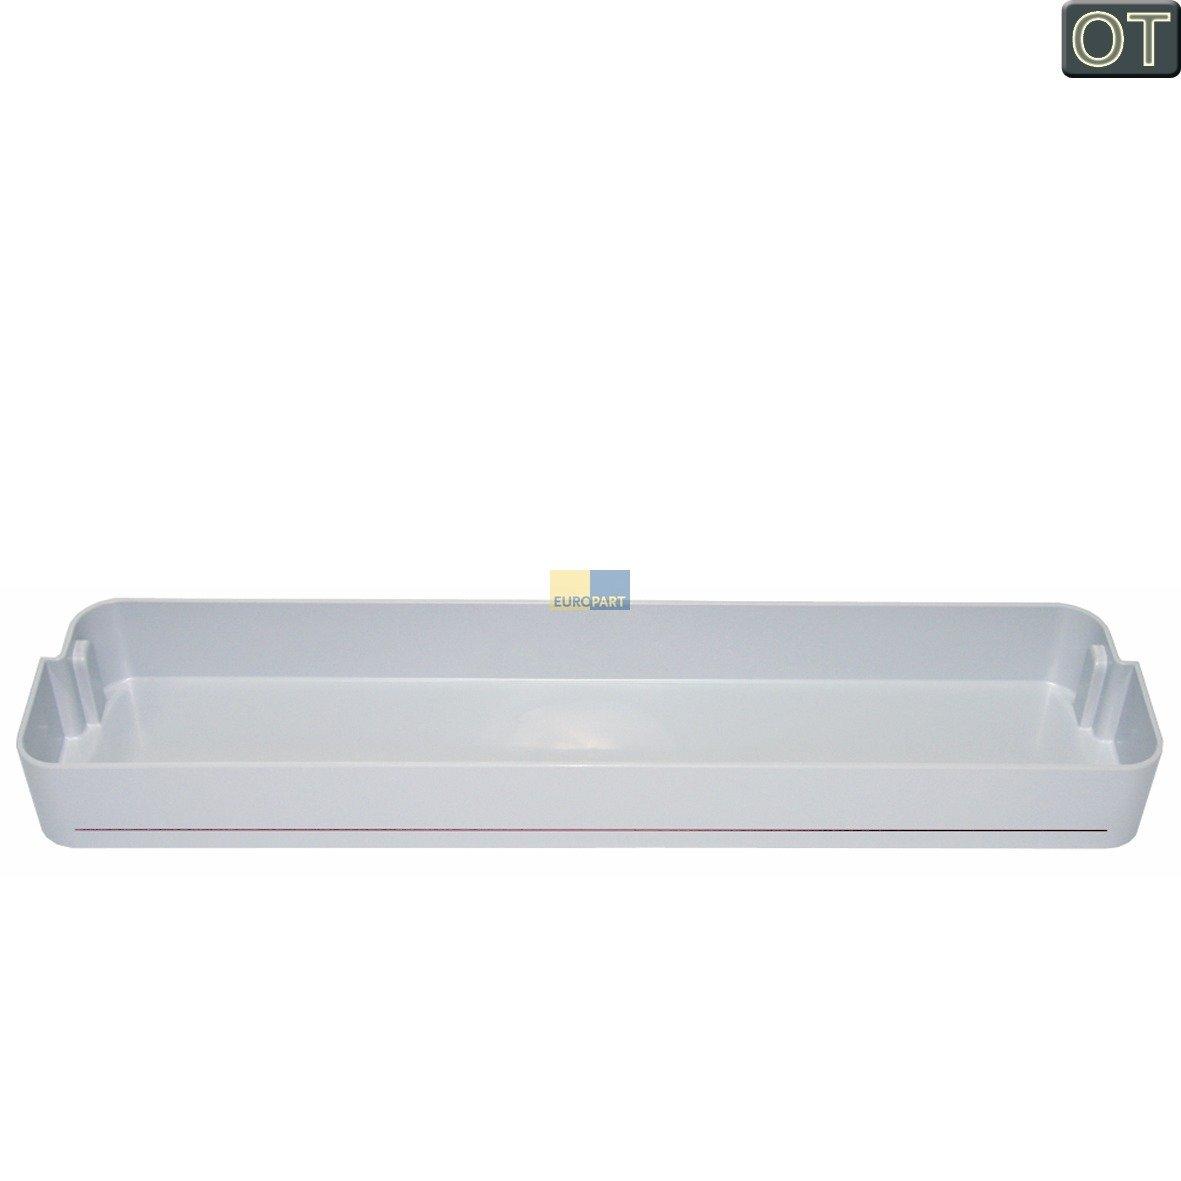 Bosch Neff 119632 00119632 ORIGINAL Absteller Abstellfach Türfach ...